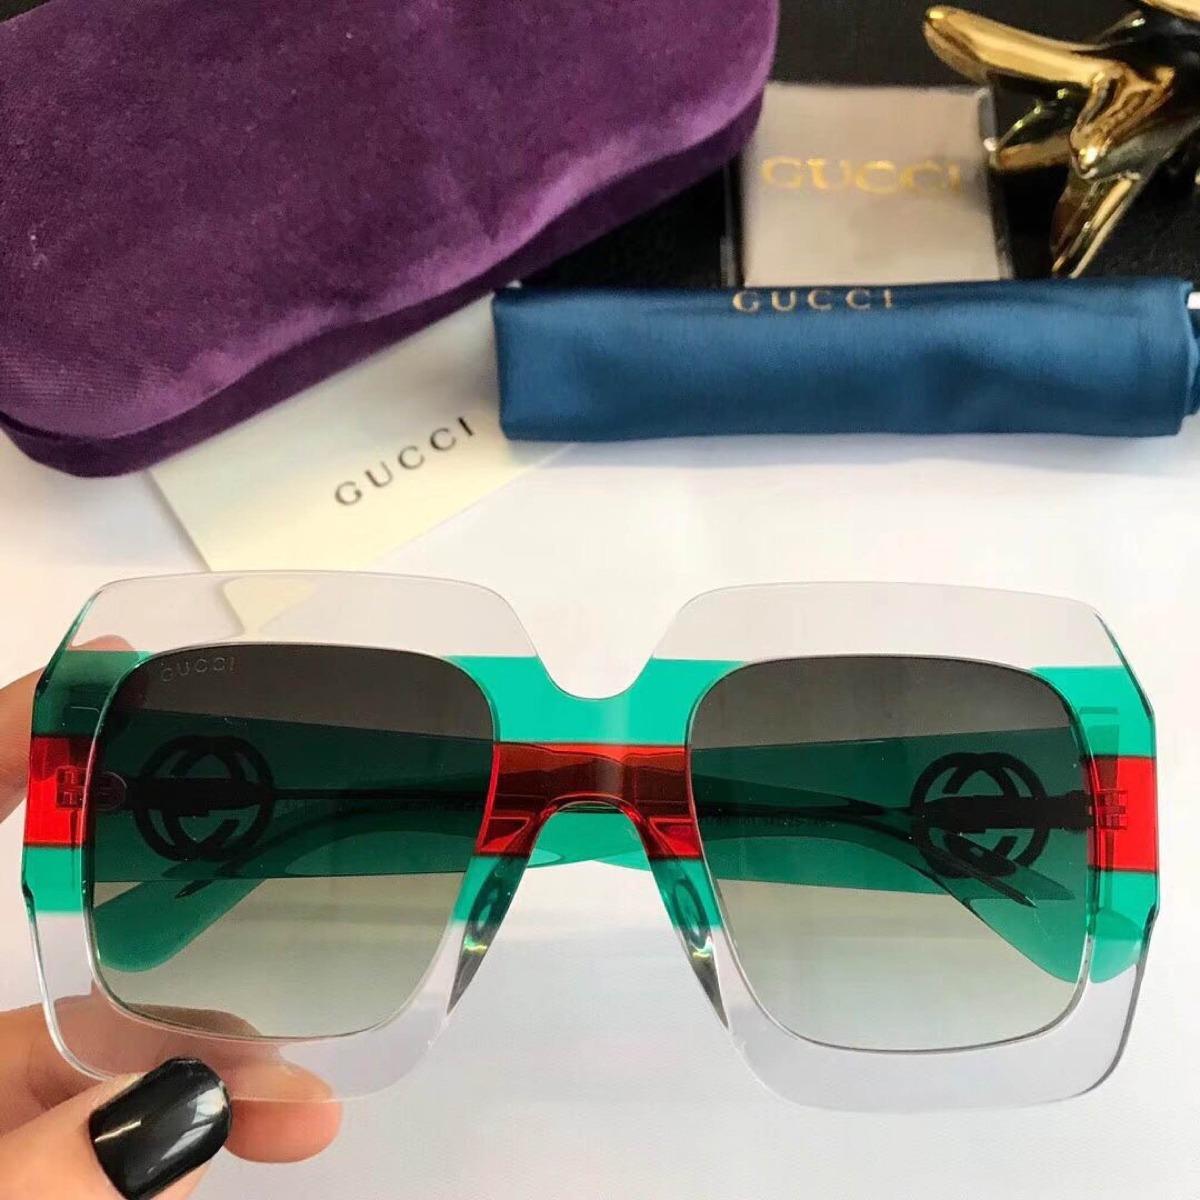 ac304888465a3 óculos sol gucci quadrado transparente acetato frete grátis. Carregando  zoom.